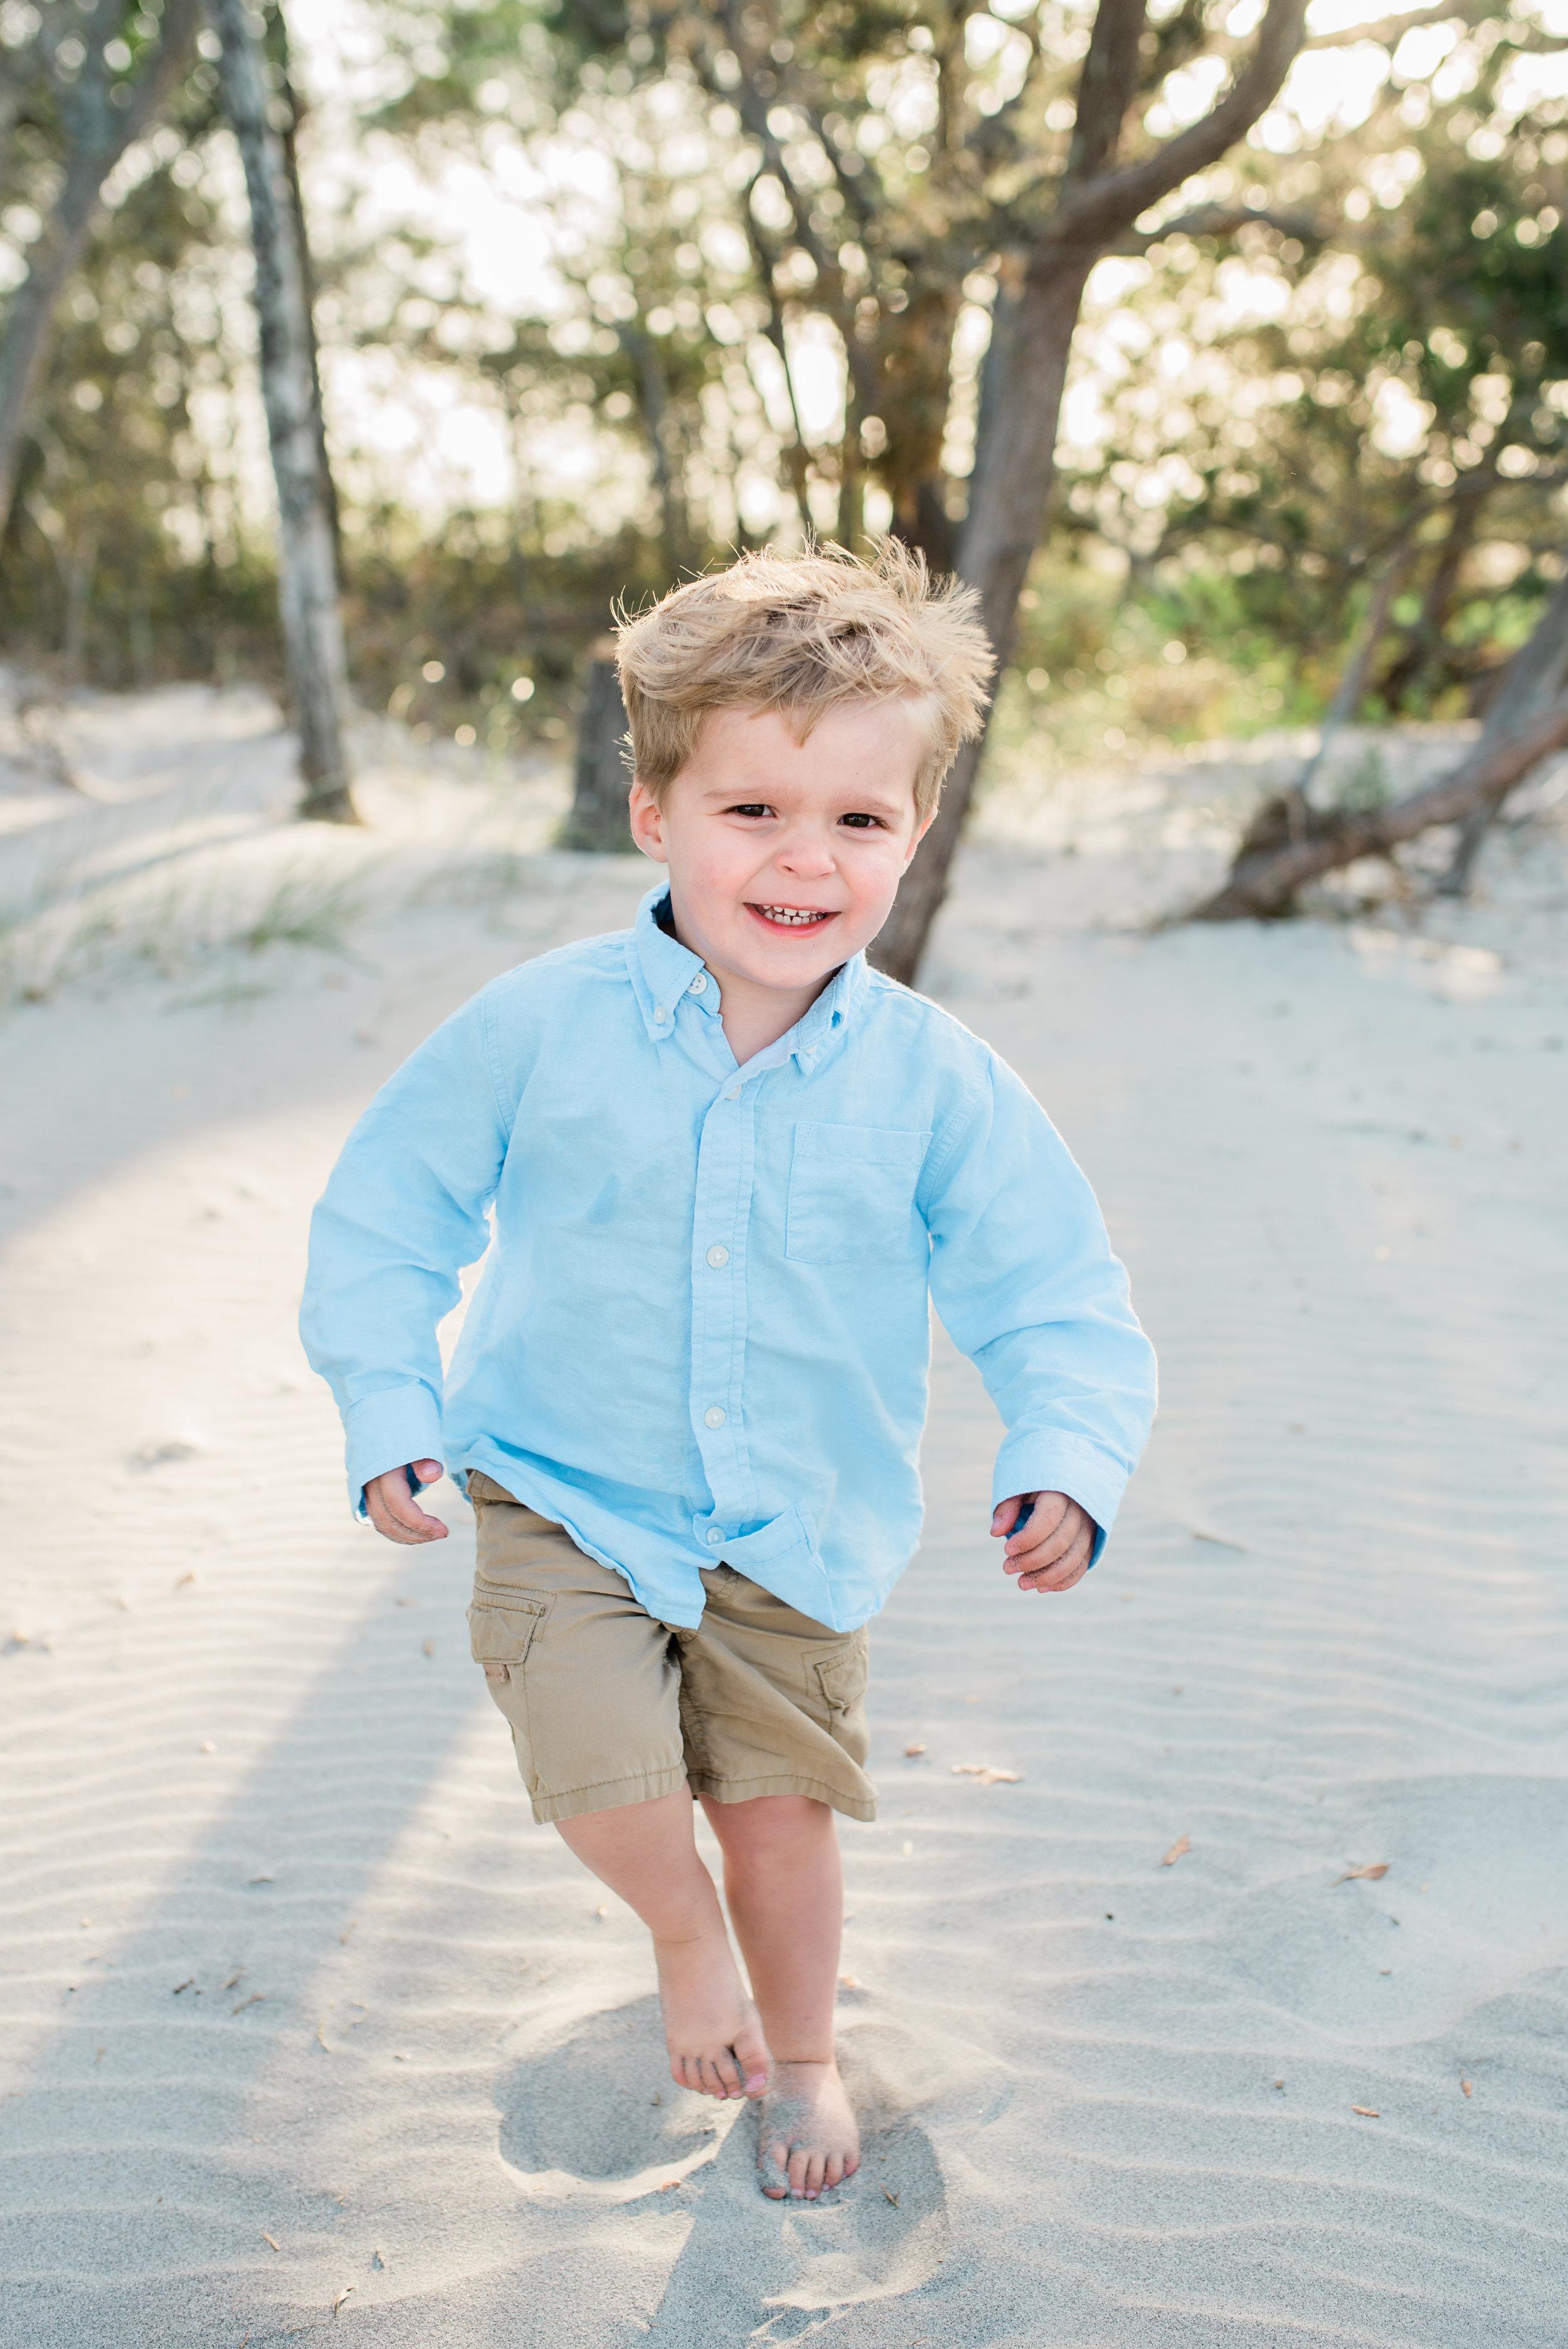 Folly-Beach-Family-Photographer-Following-Seas-Photography-8050 copy.jpg